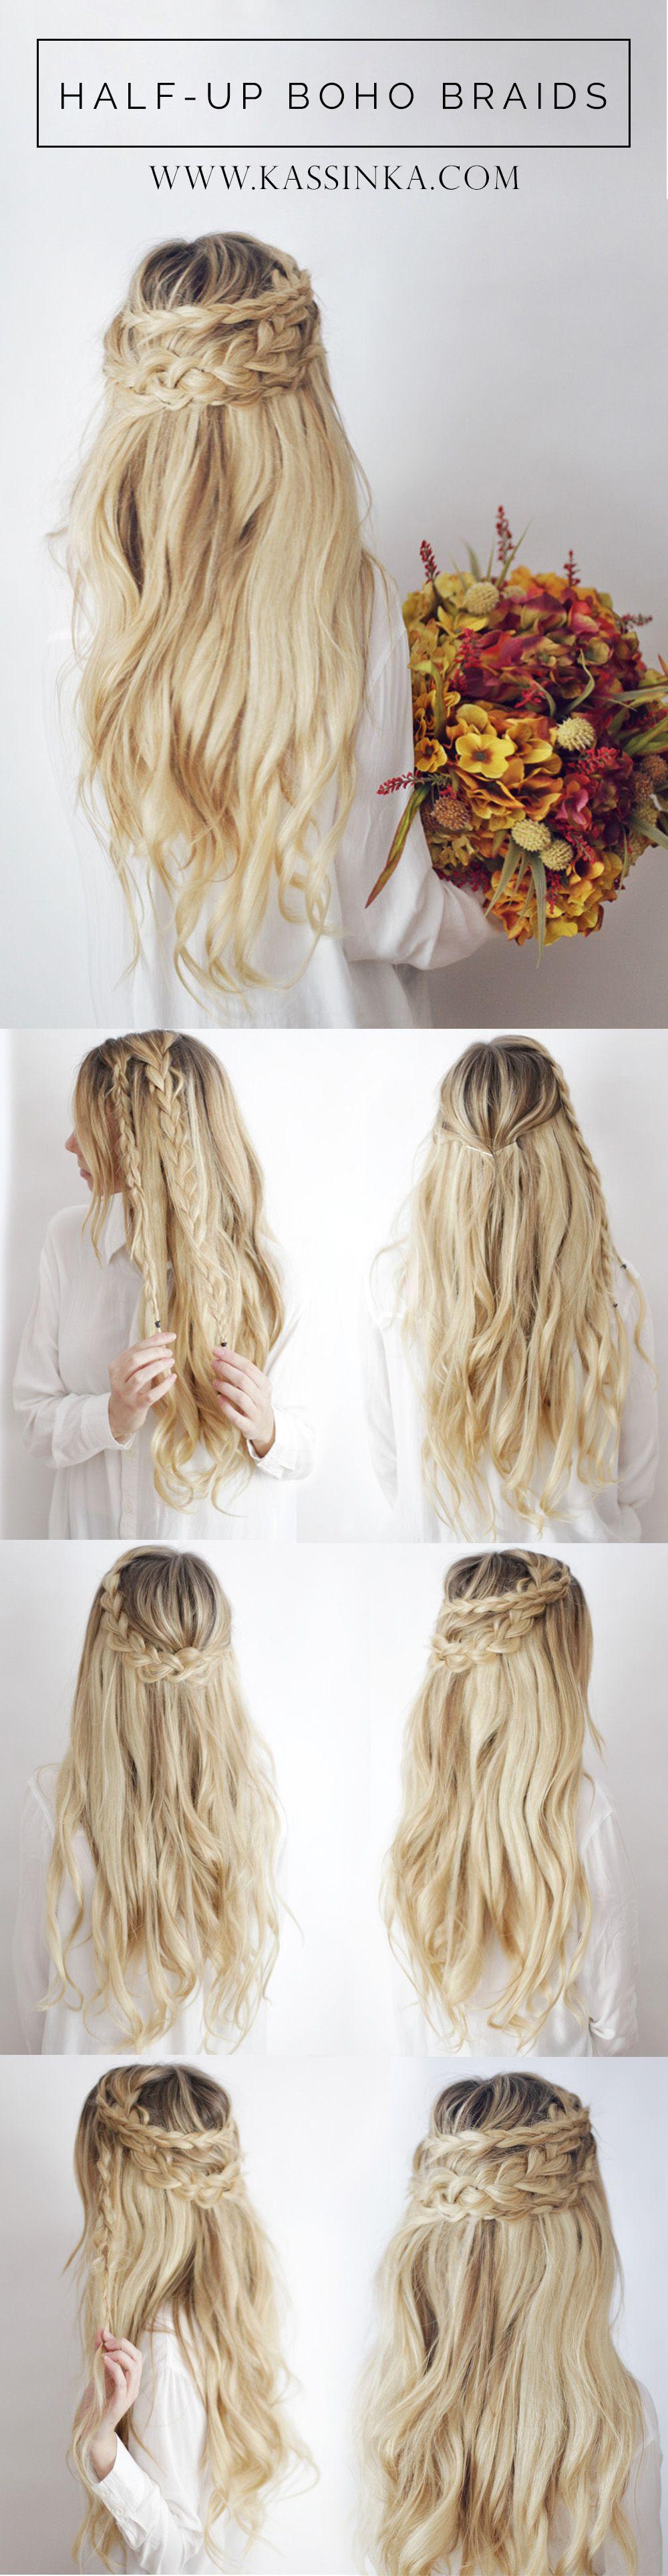 Hair tutorial with luxy hair on kassinka hair pinterest hair tutorial with luxy hair on kassinka baditri Choice Image